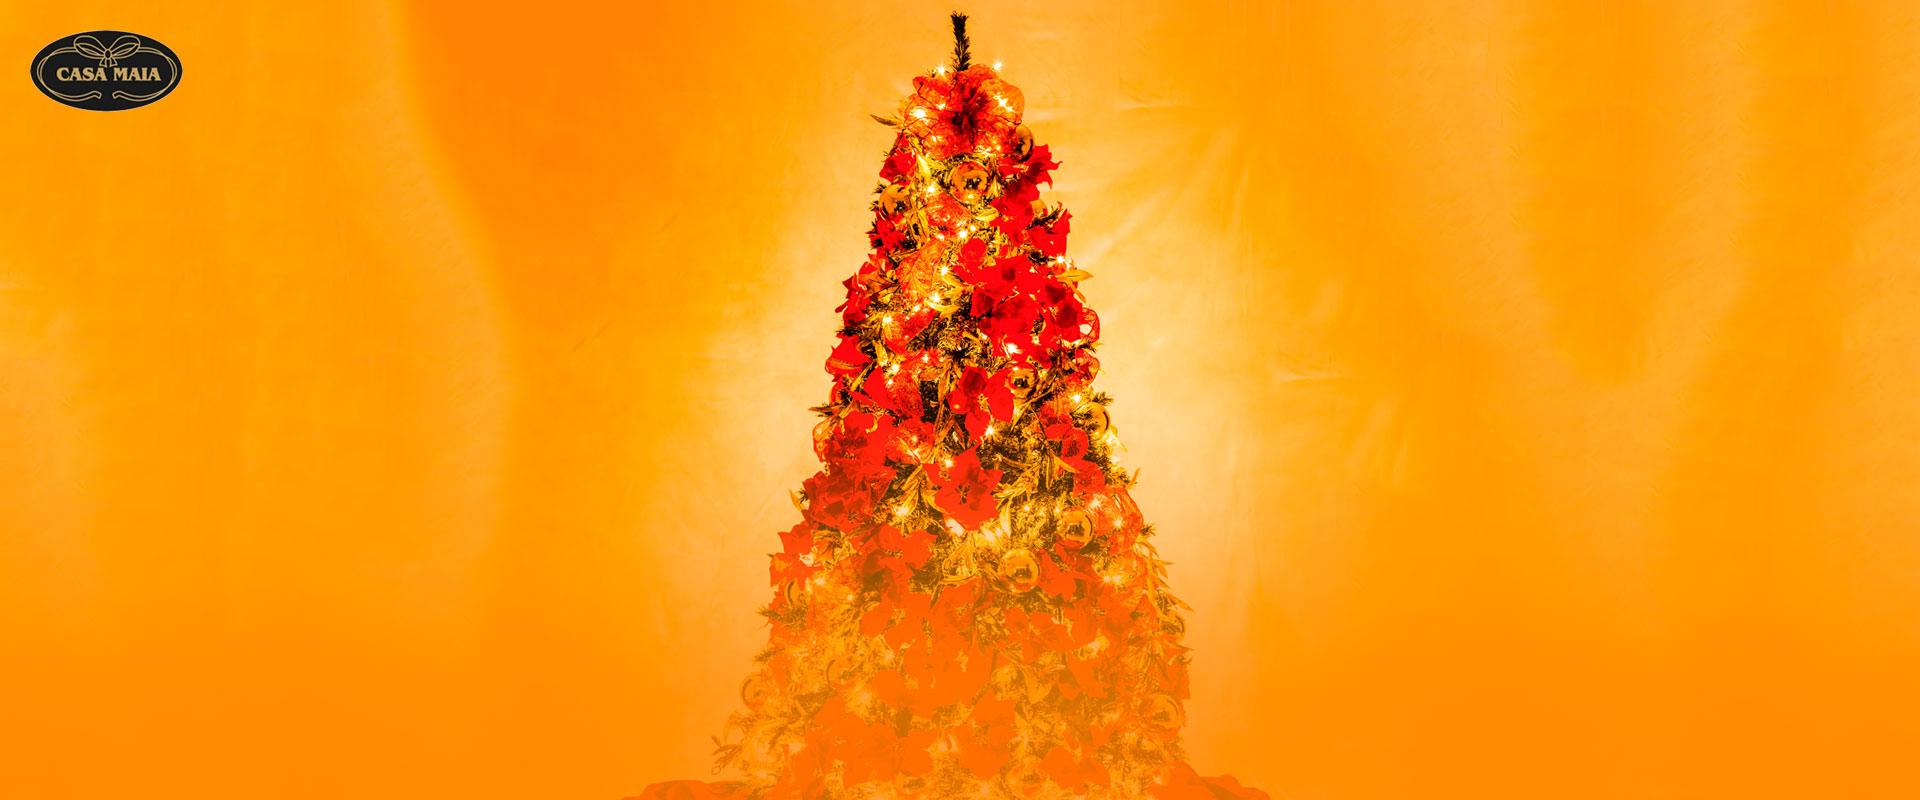 Banner da promoção Um Natal especial com a Rádio Antena 1 e a Casa Maia